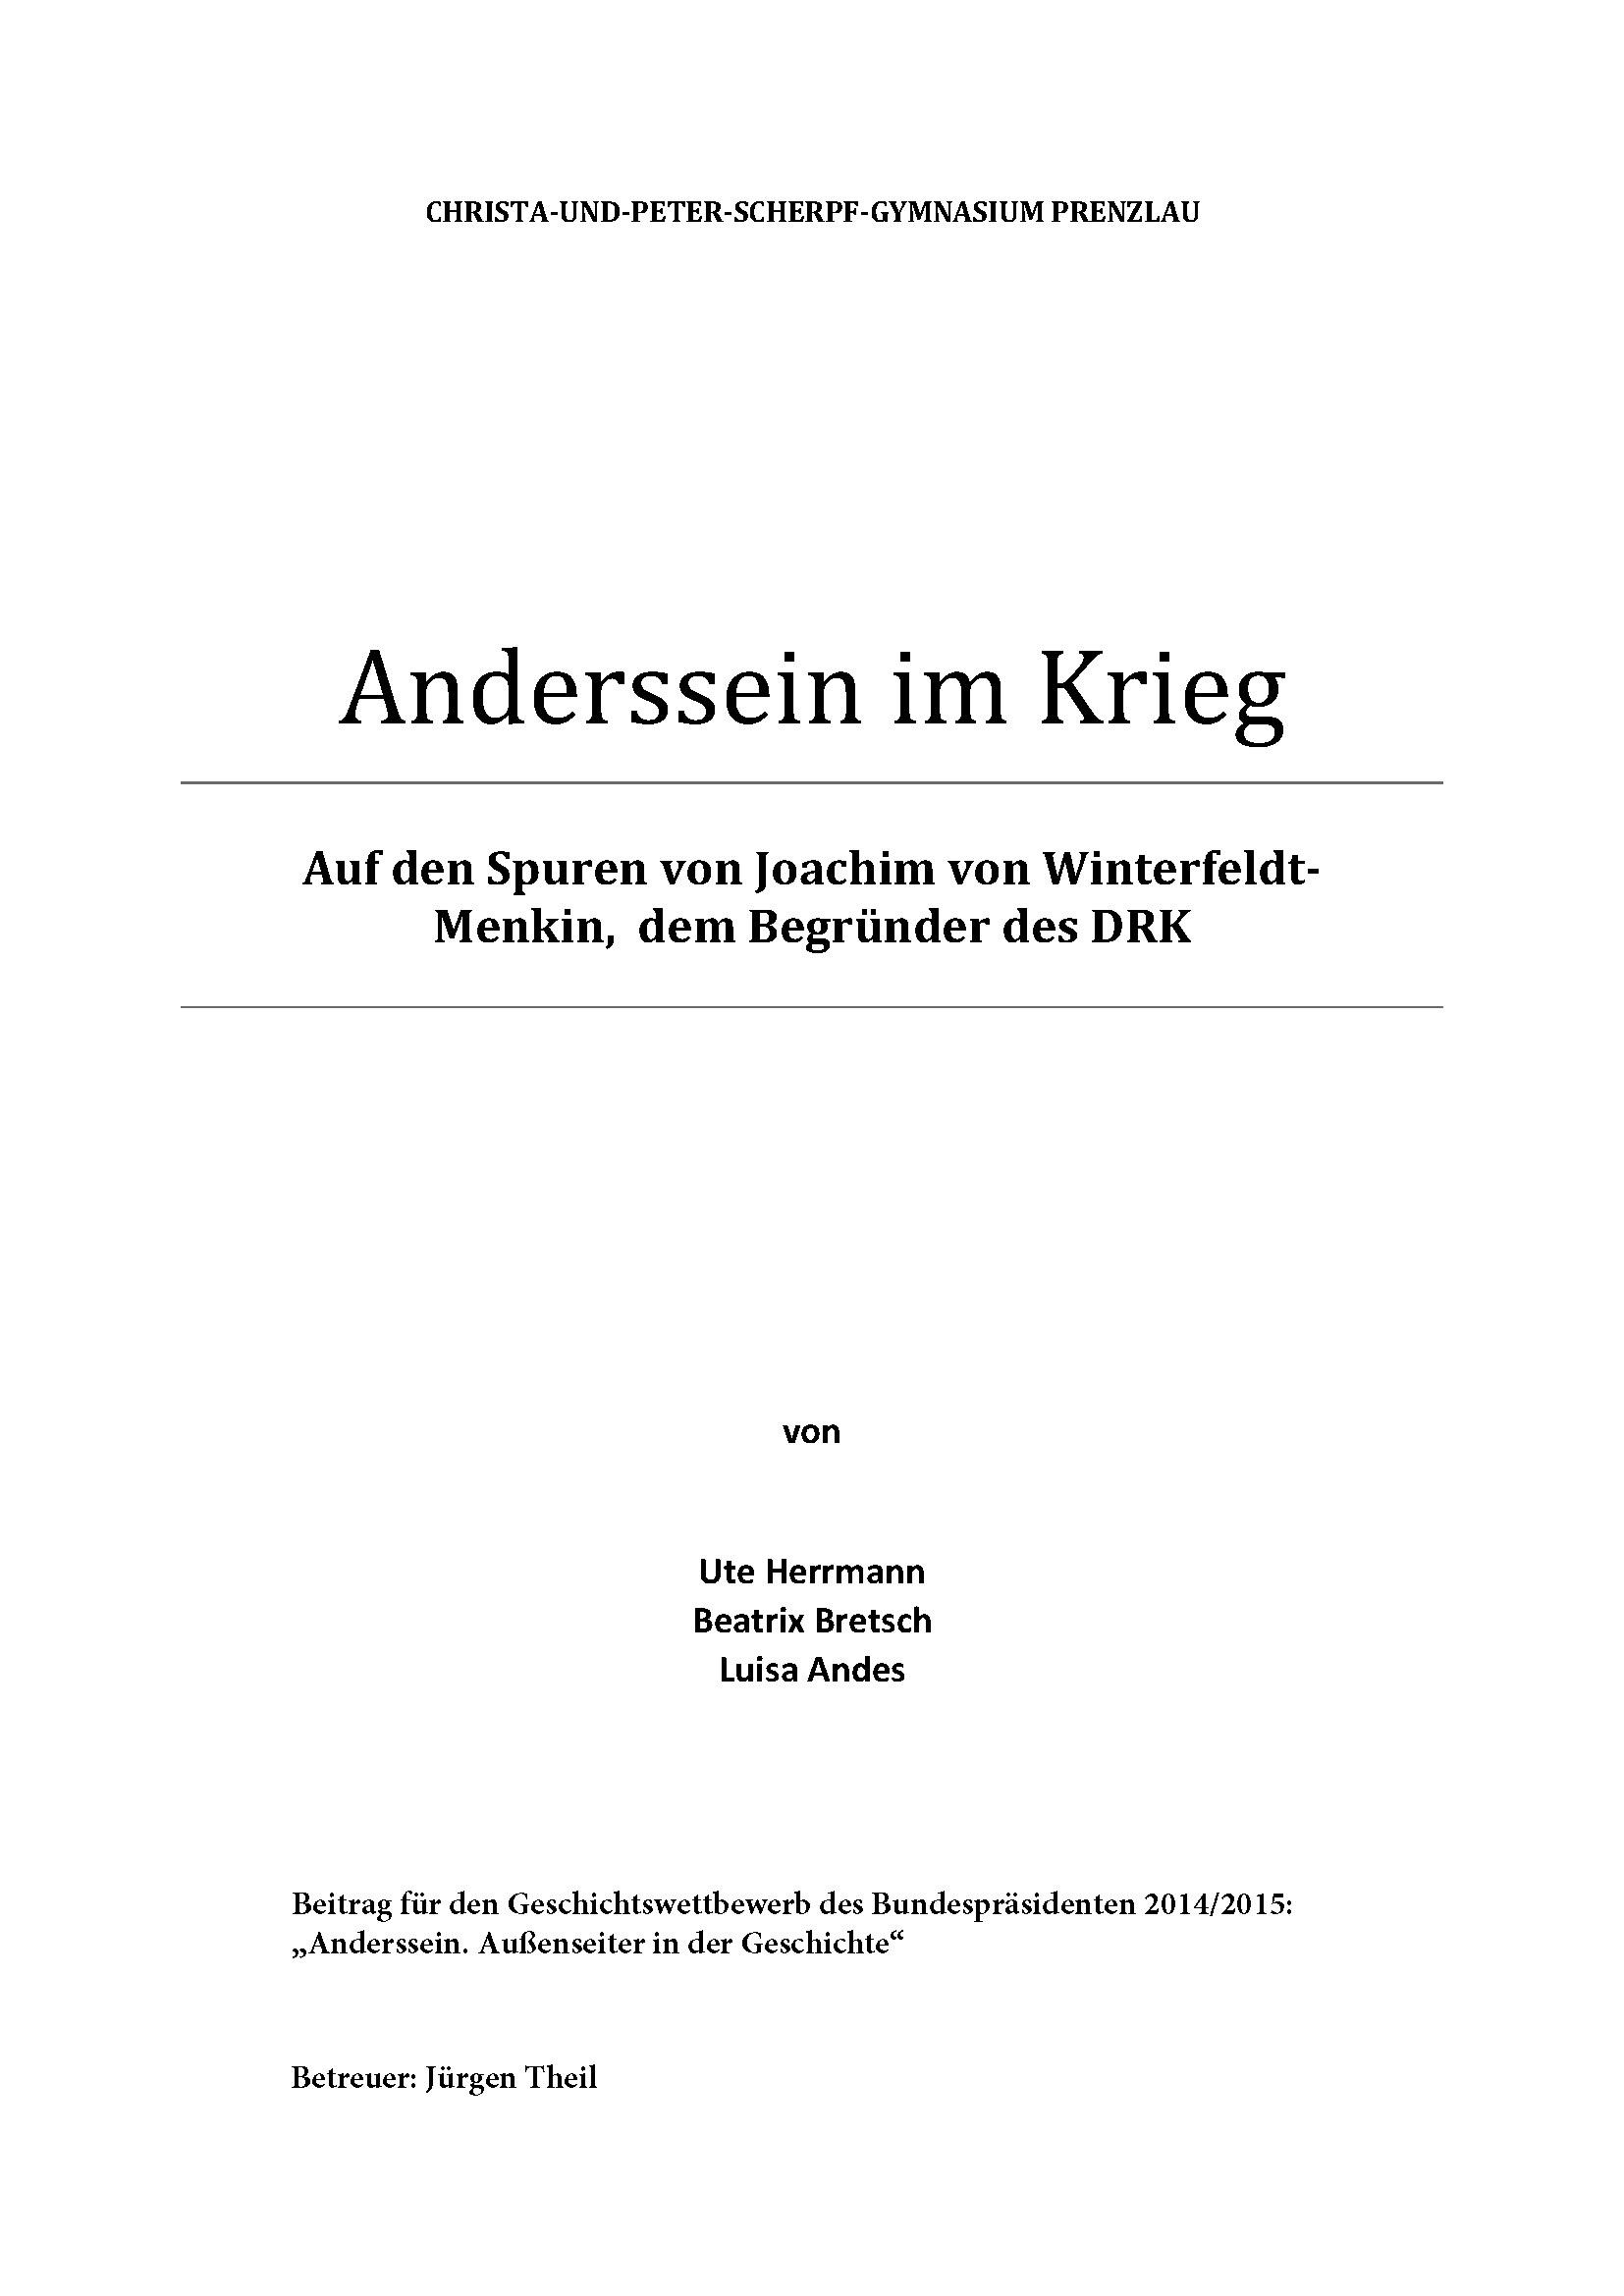 Herrmann / Bretsch / Andes: Auf den Spuren von Joachim von Winterfeldt-Menkin, dem Begründer des DRK